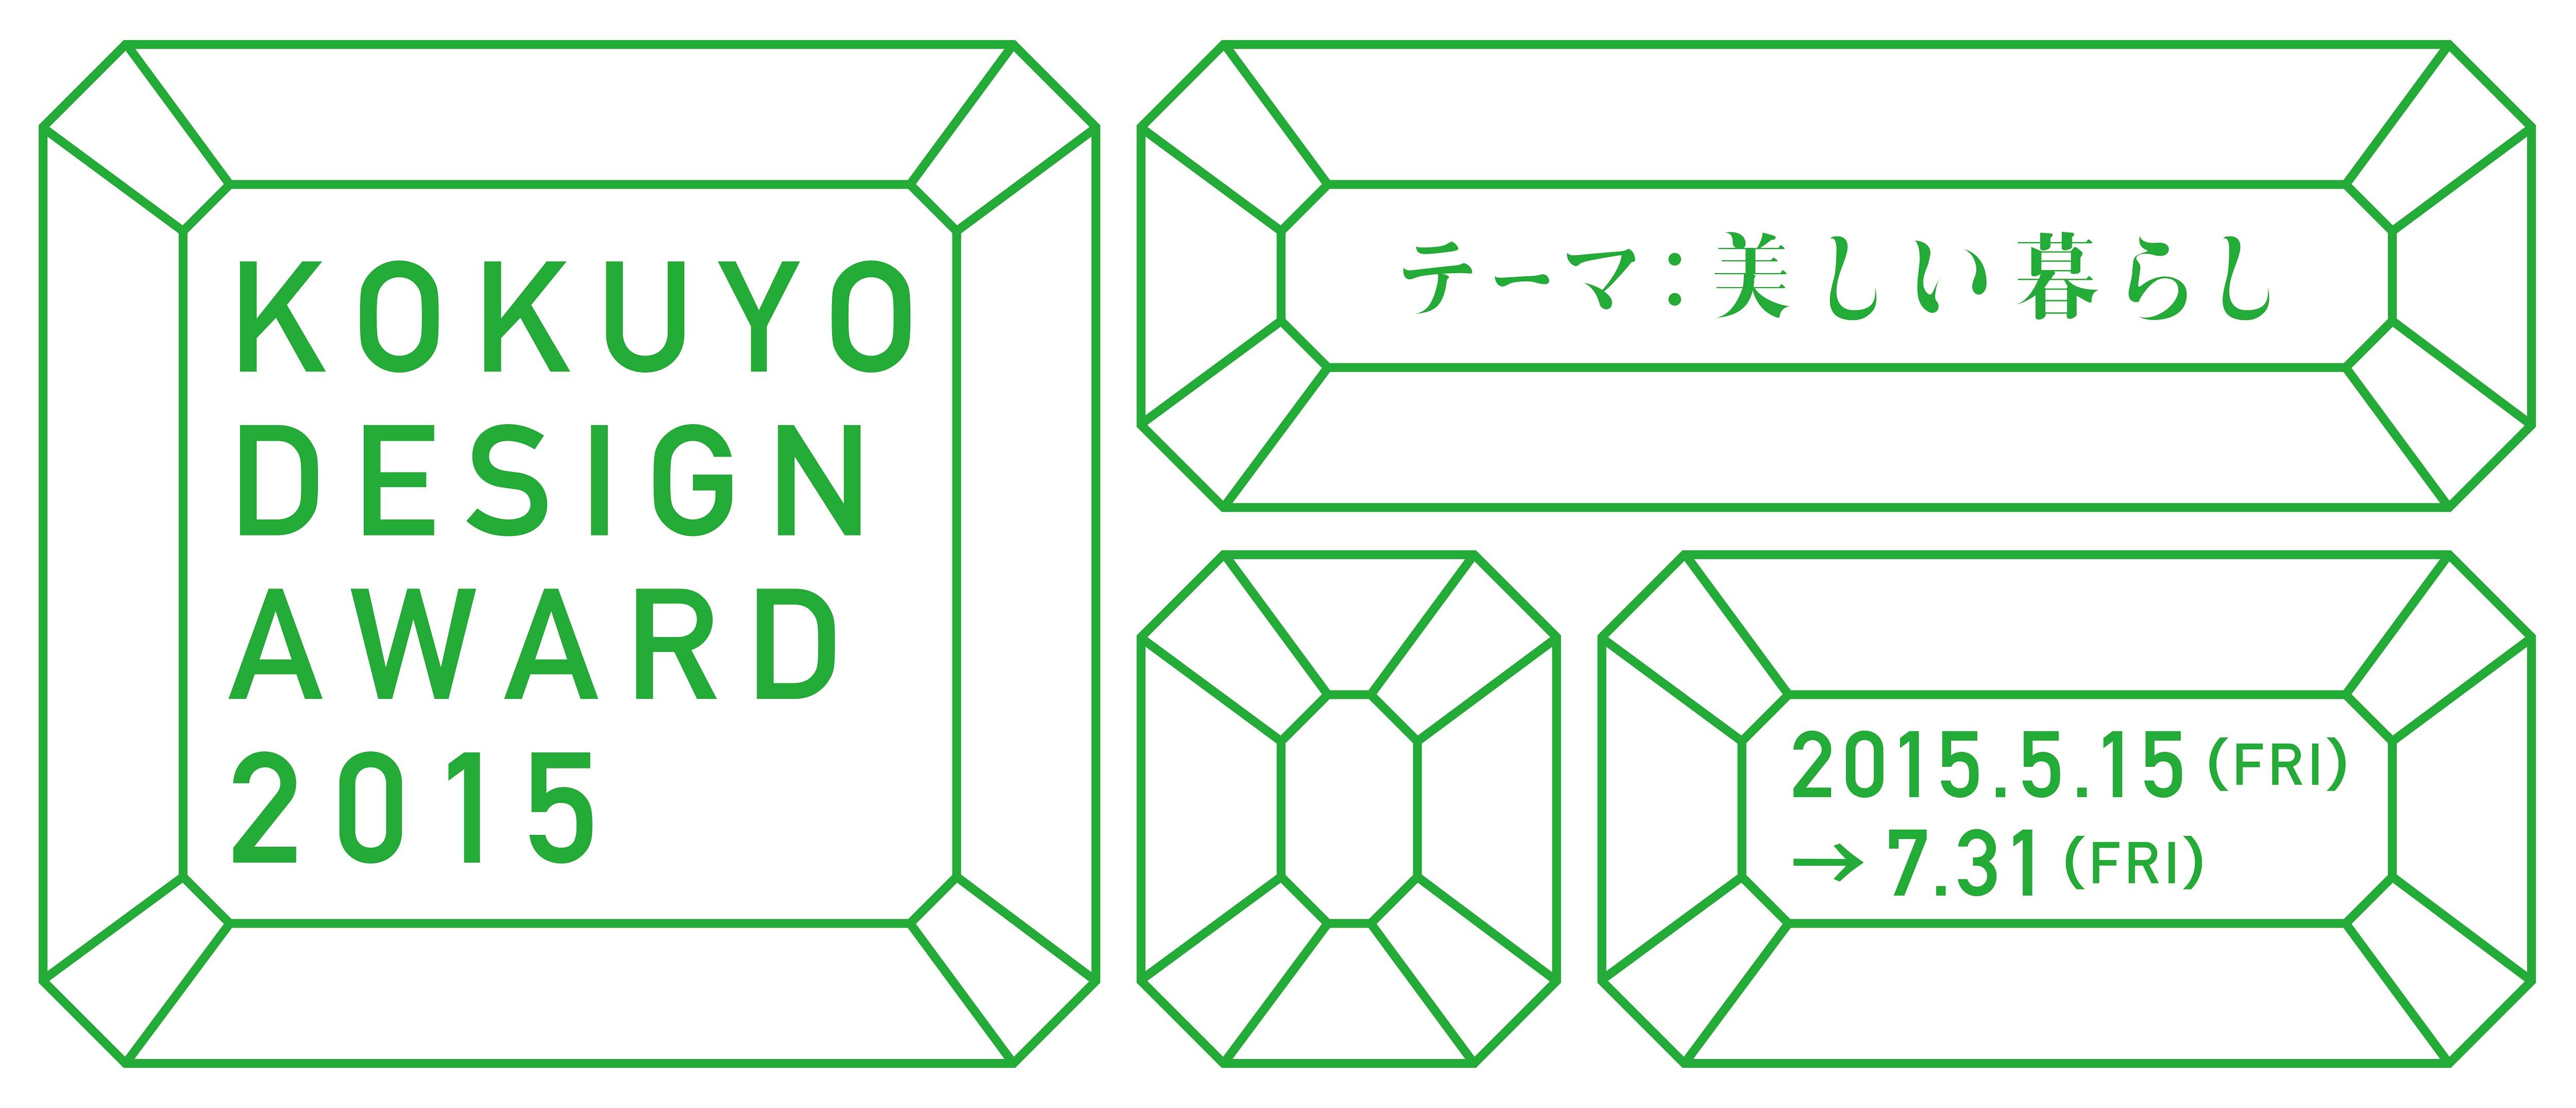 コクヨデザインアワード2015